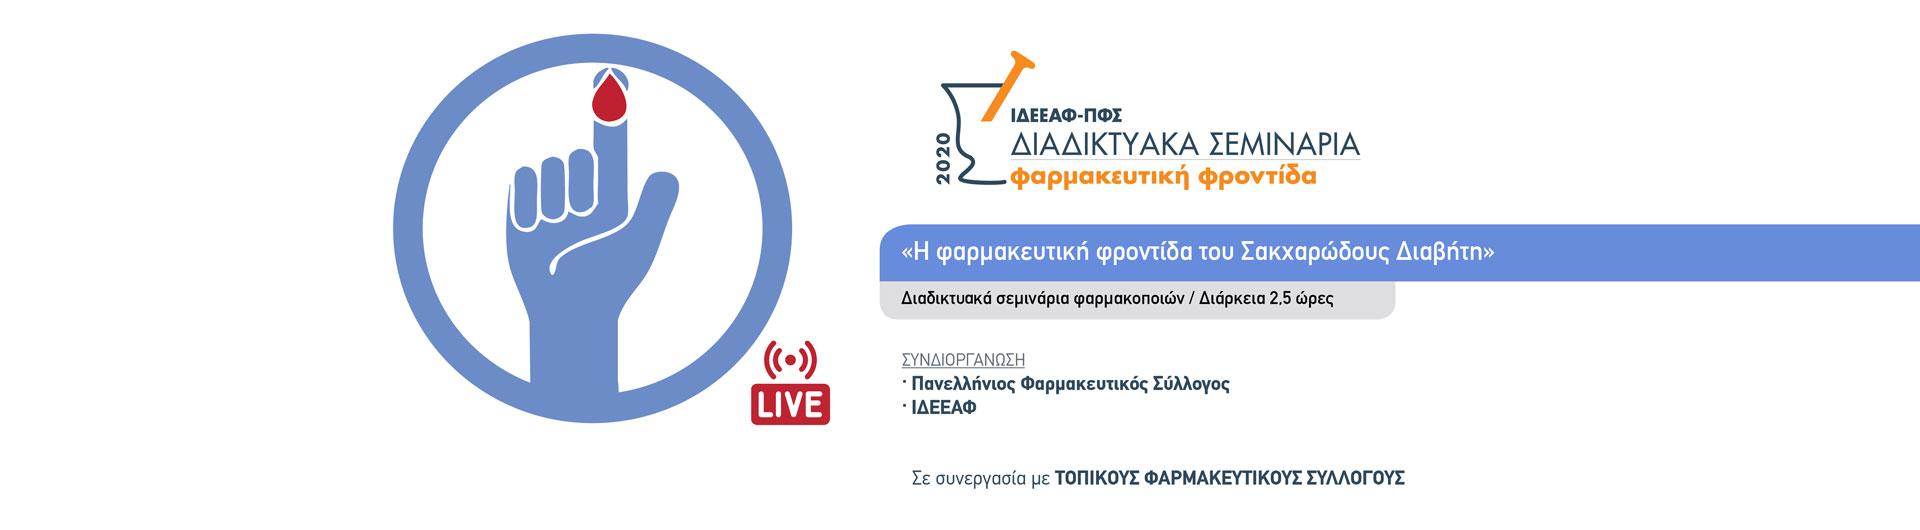 Διαδικτυακά Live Σεμινάρια Σακχαρώδη Διαβήτη